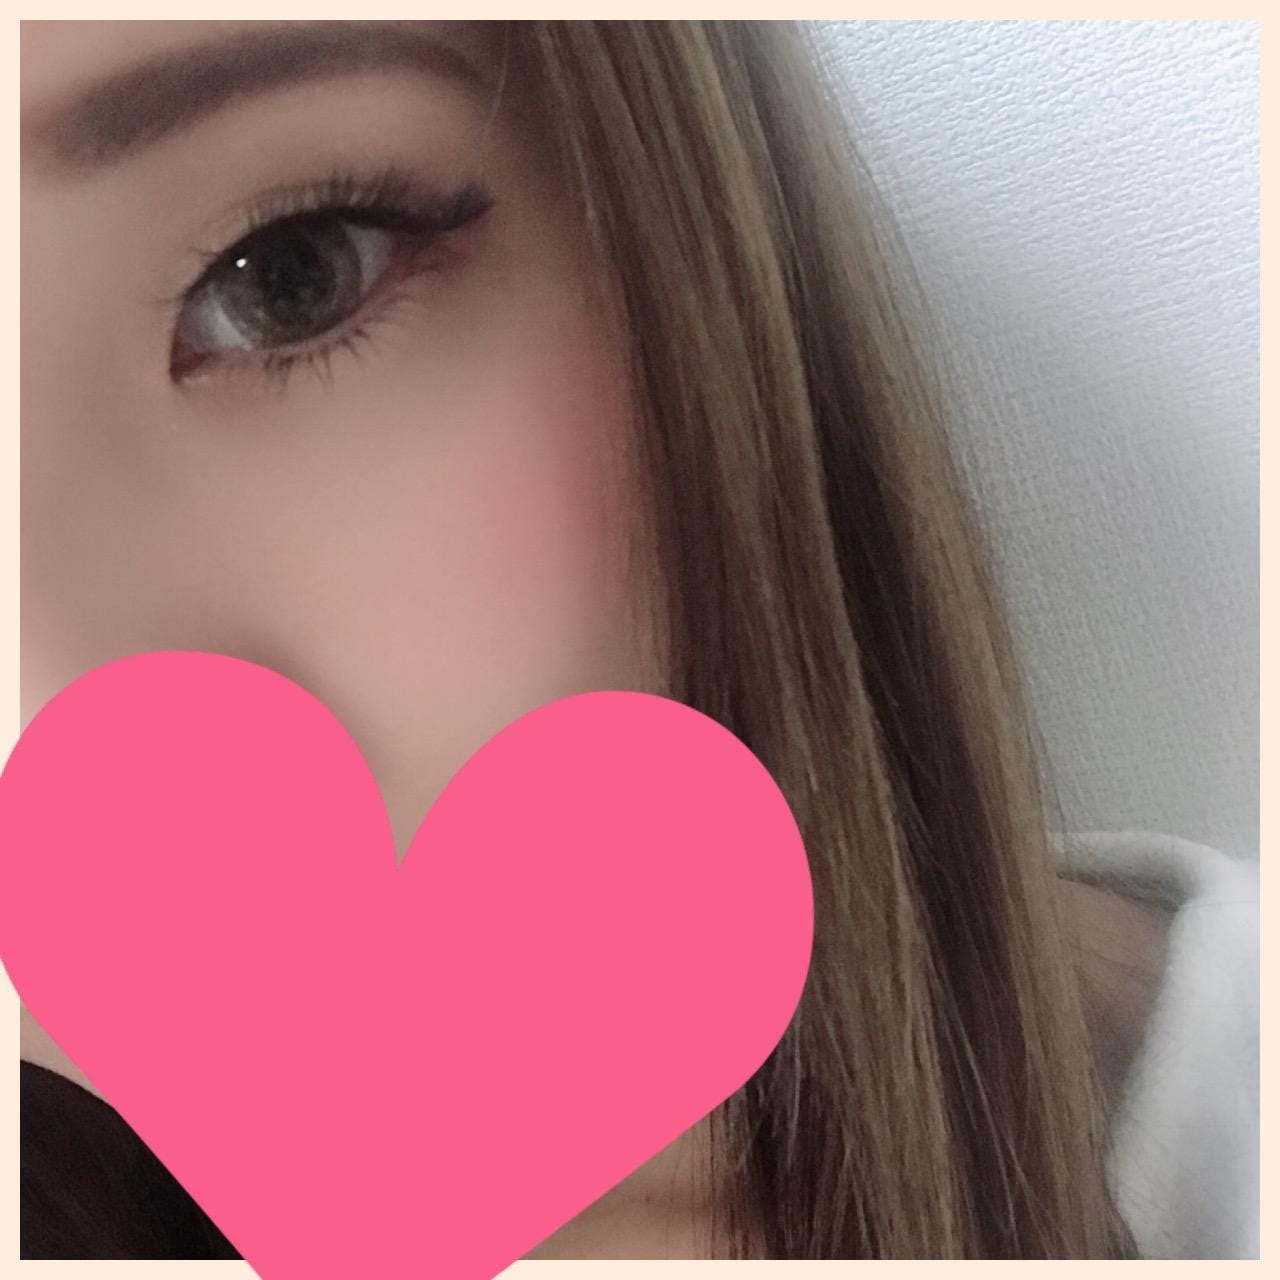 「こんばんは」12/01(土) 23:49 | じゅんたんの写メ・風俗動画